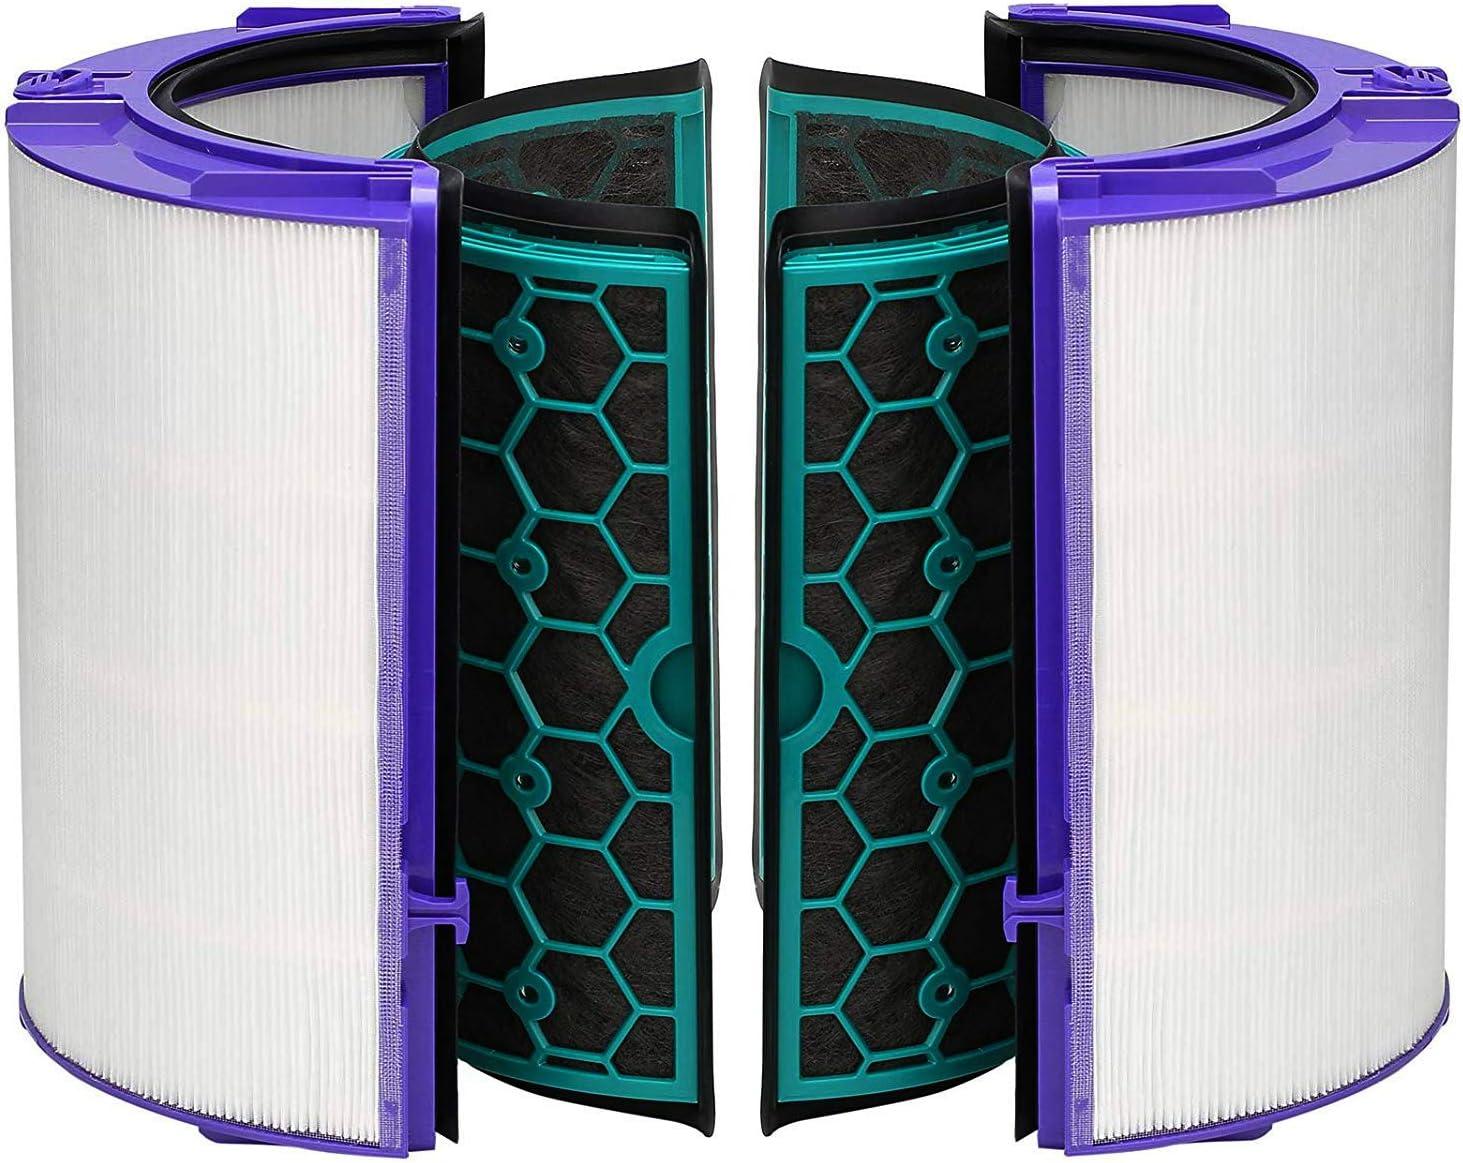 TeKeHom TP04 - Filtro de Repuesto para Ventilador purificador de ...